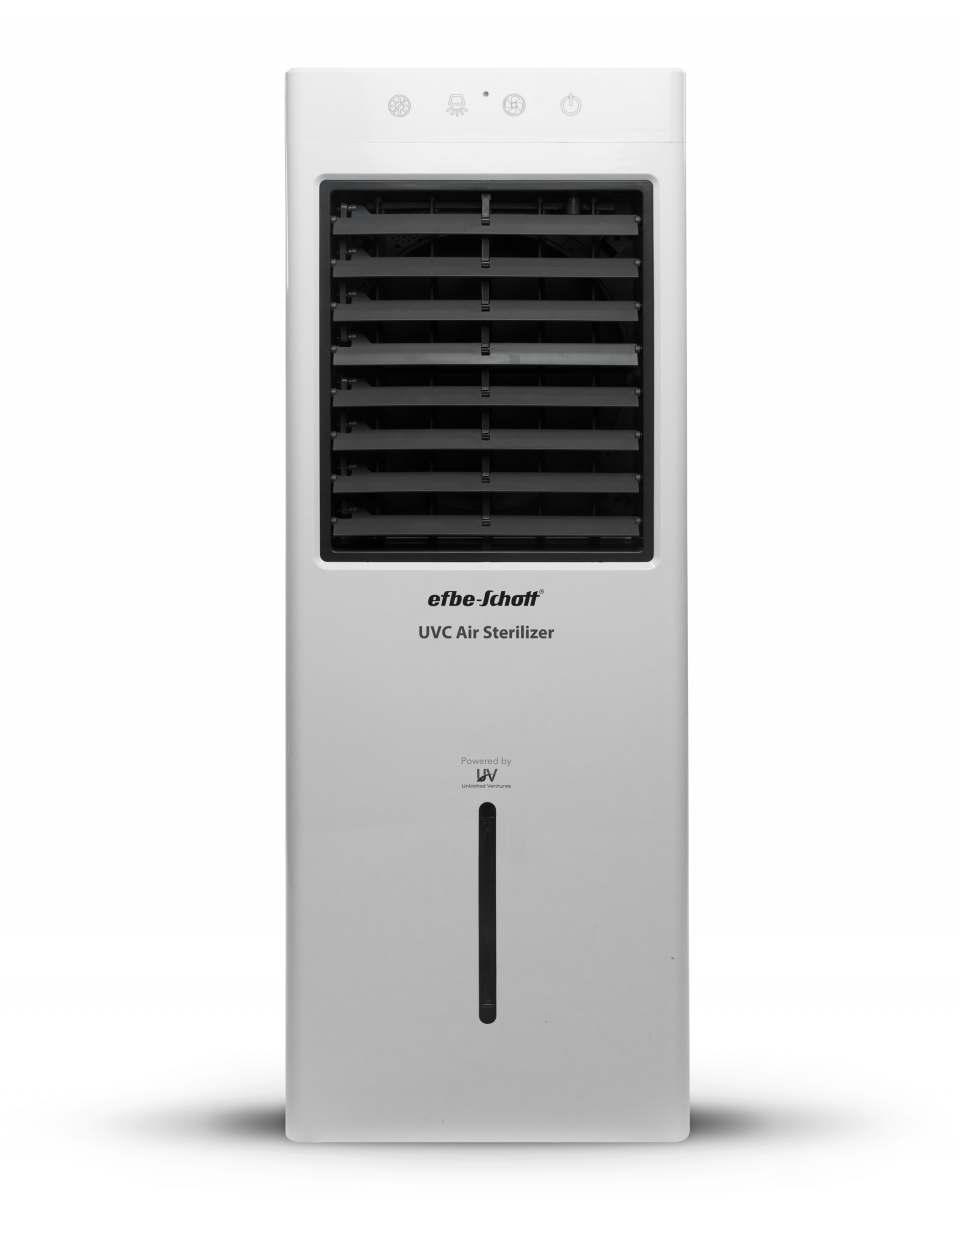 efbe-Schott Luftreiniger SC UV 900 mit • Steuerung über Touchpanel und Fernbedienung.